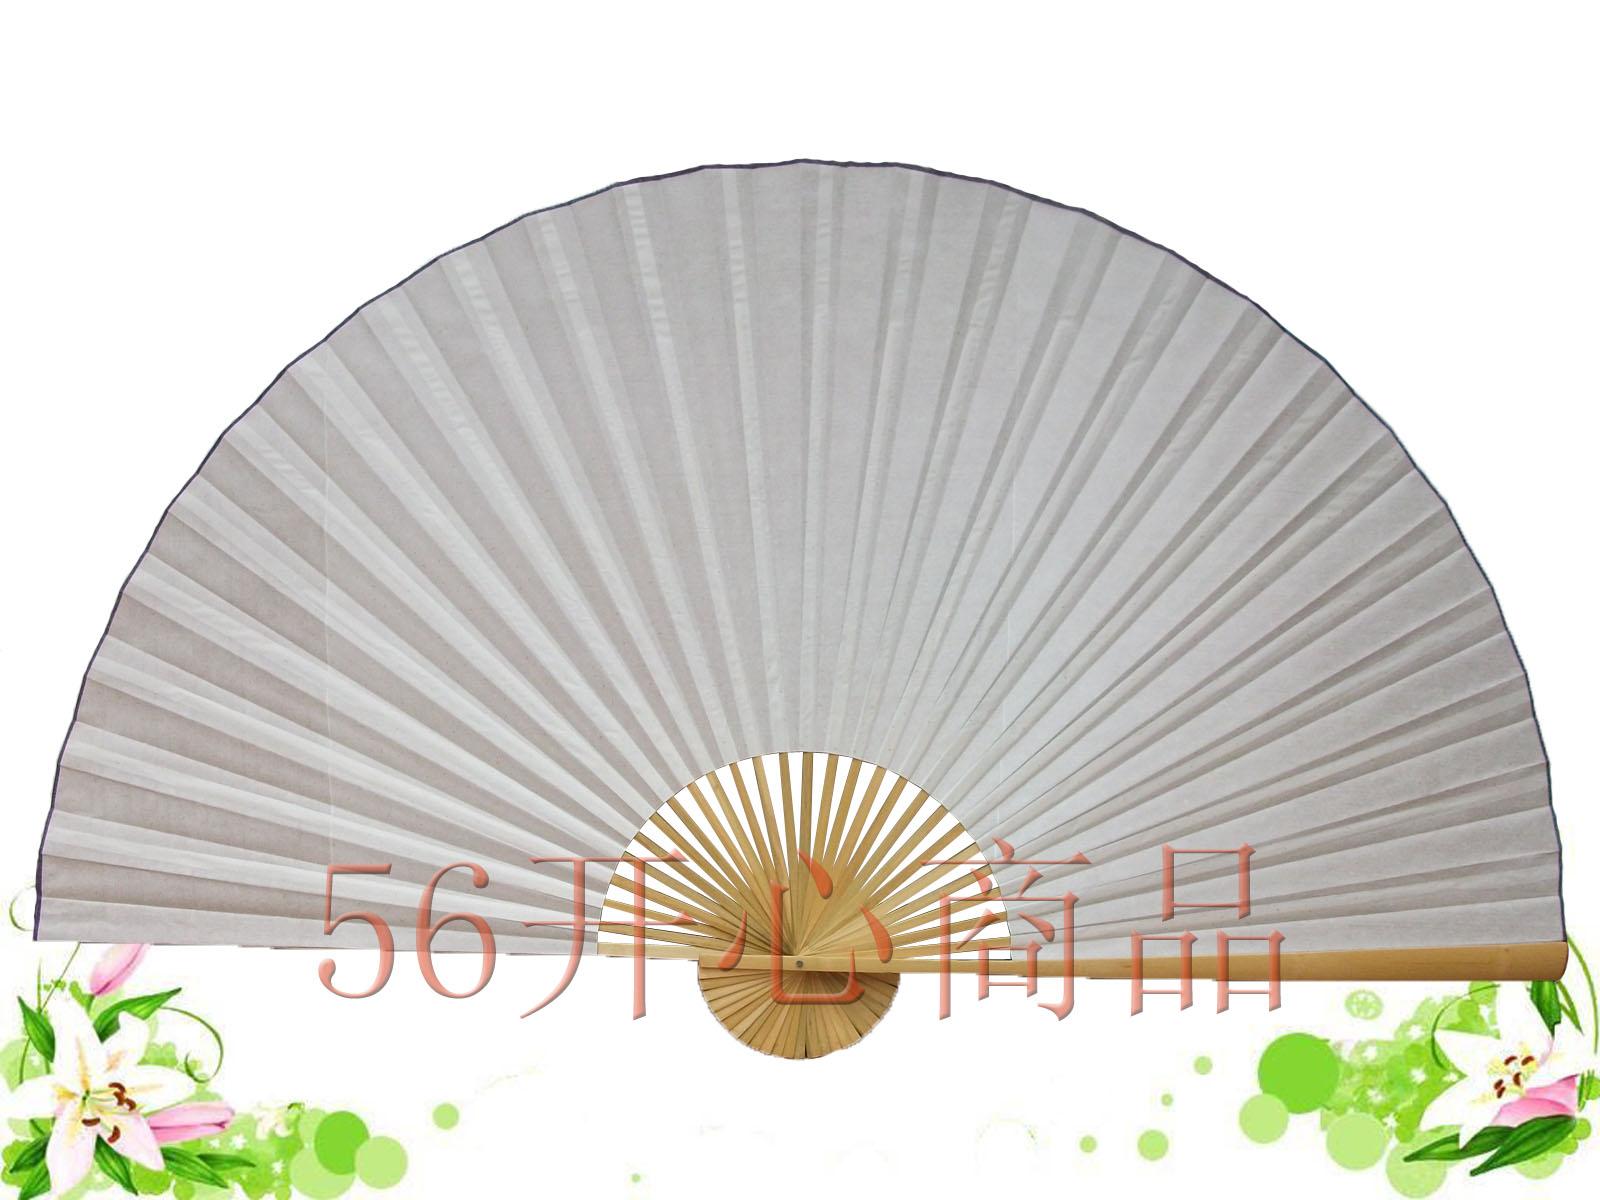 Декоративный веер 2.12 * 1.2 m супер вентилятор декоративных Вентилятор супер большой корабль Вентилятор Вентилятор Белый с вентилятором пустой бумаги разбросаны золотые подарки